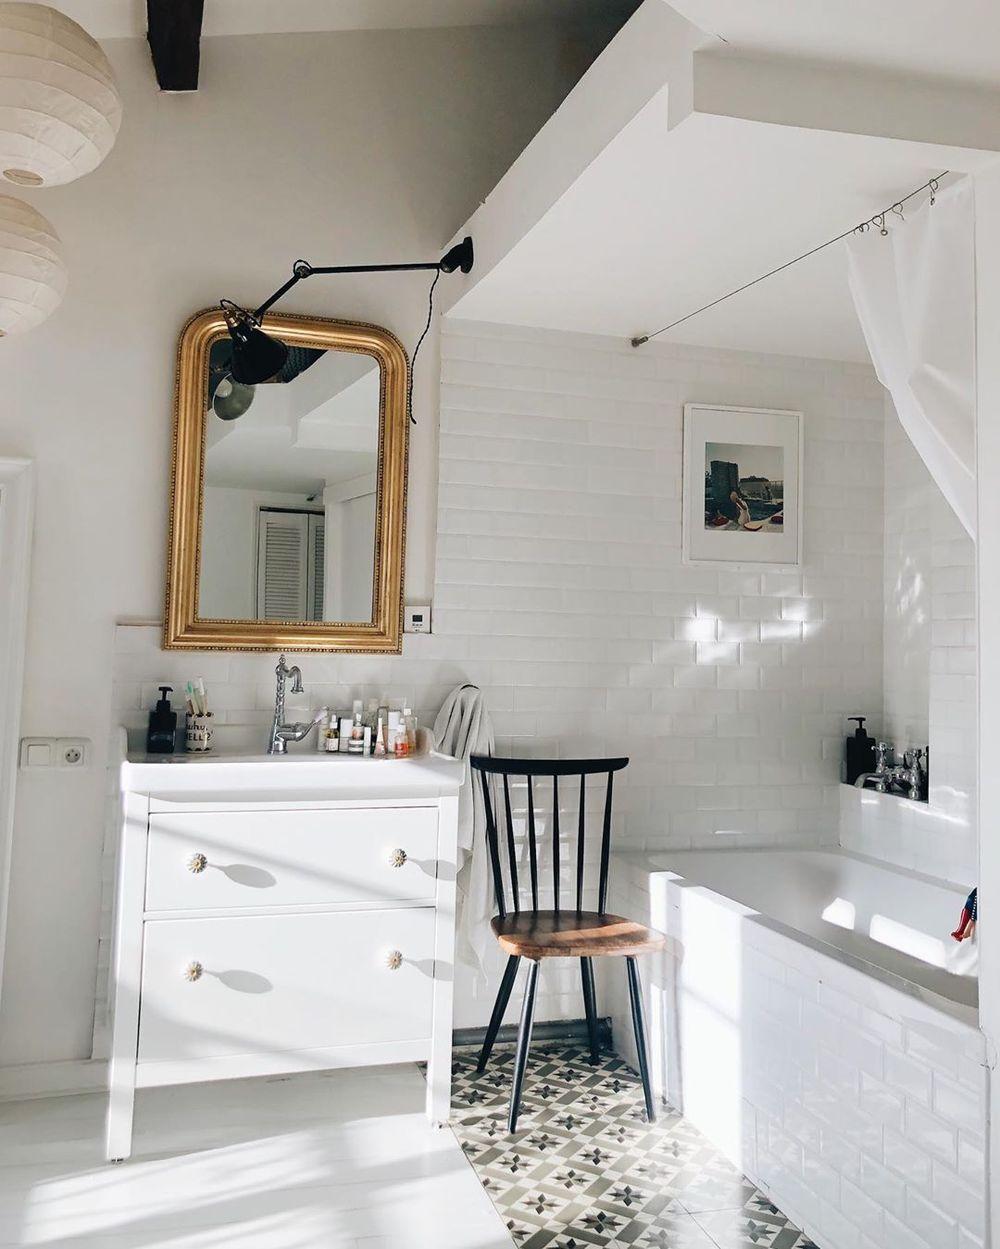 10 Must See Parisian Bathroom Decor Ideas, Paris Themed Bathroom Ideas